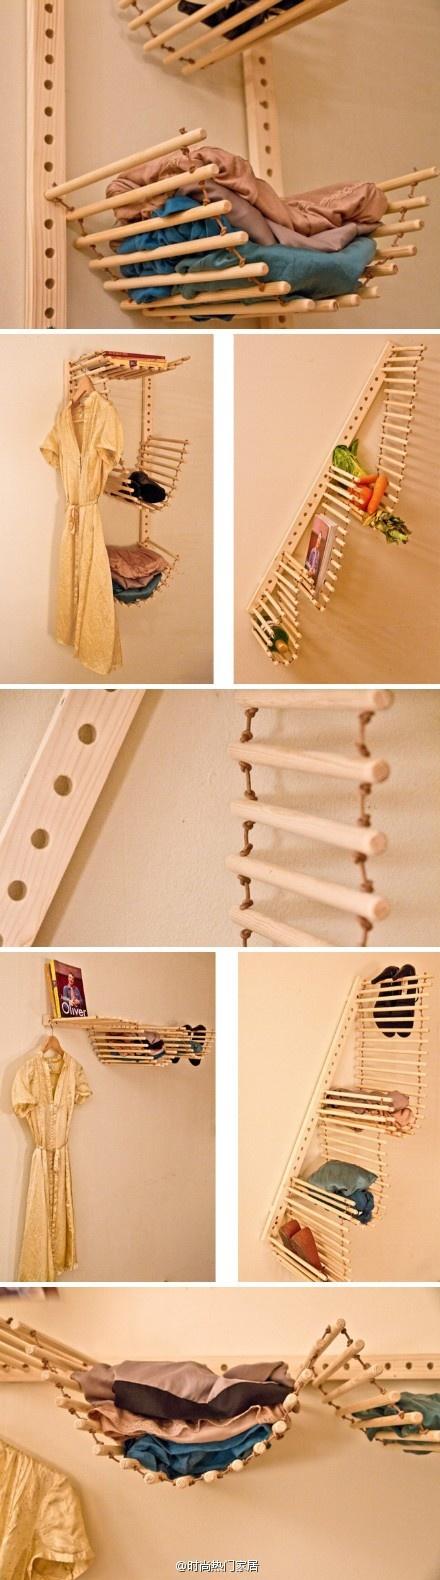 小清新收纳家具,使用起来非常方便,还可以自由组合,功能灵活。